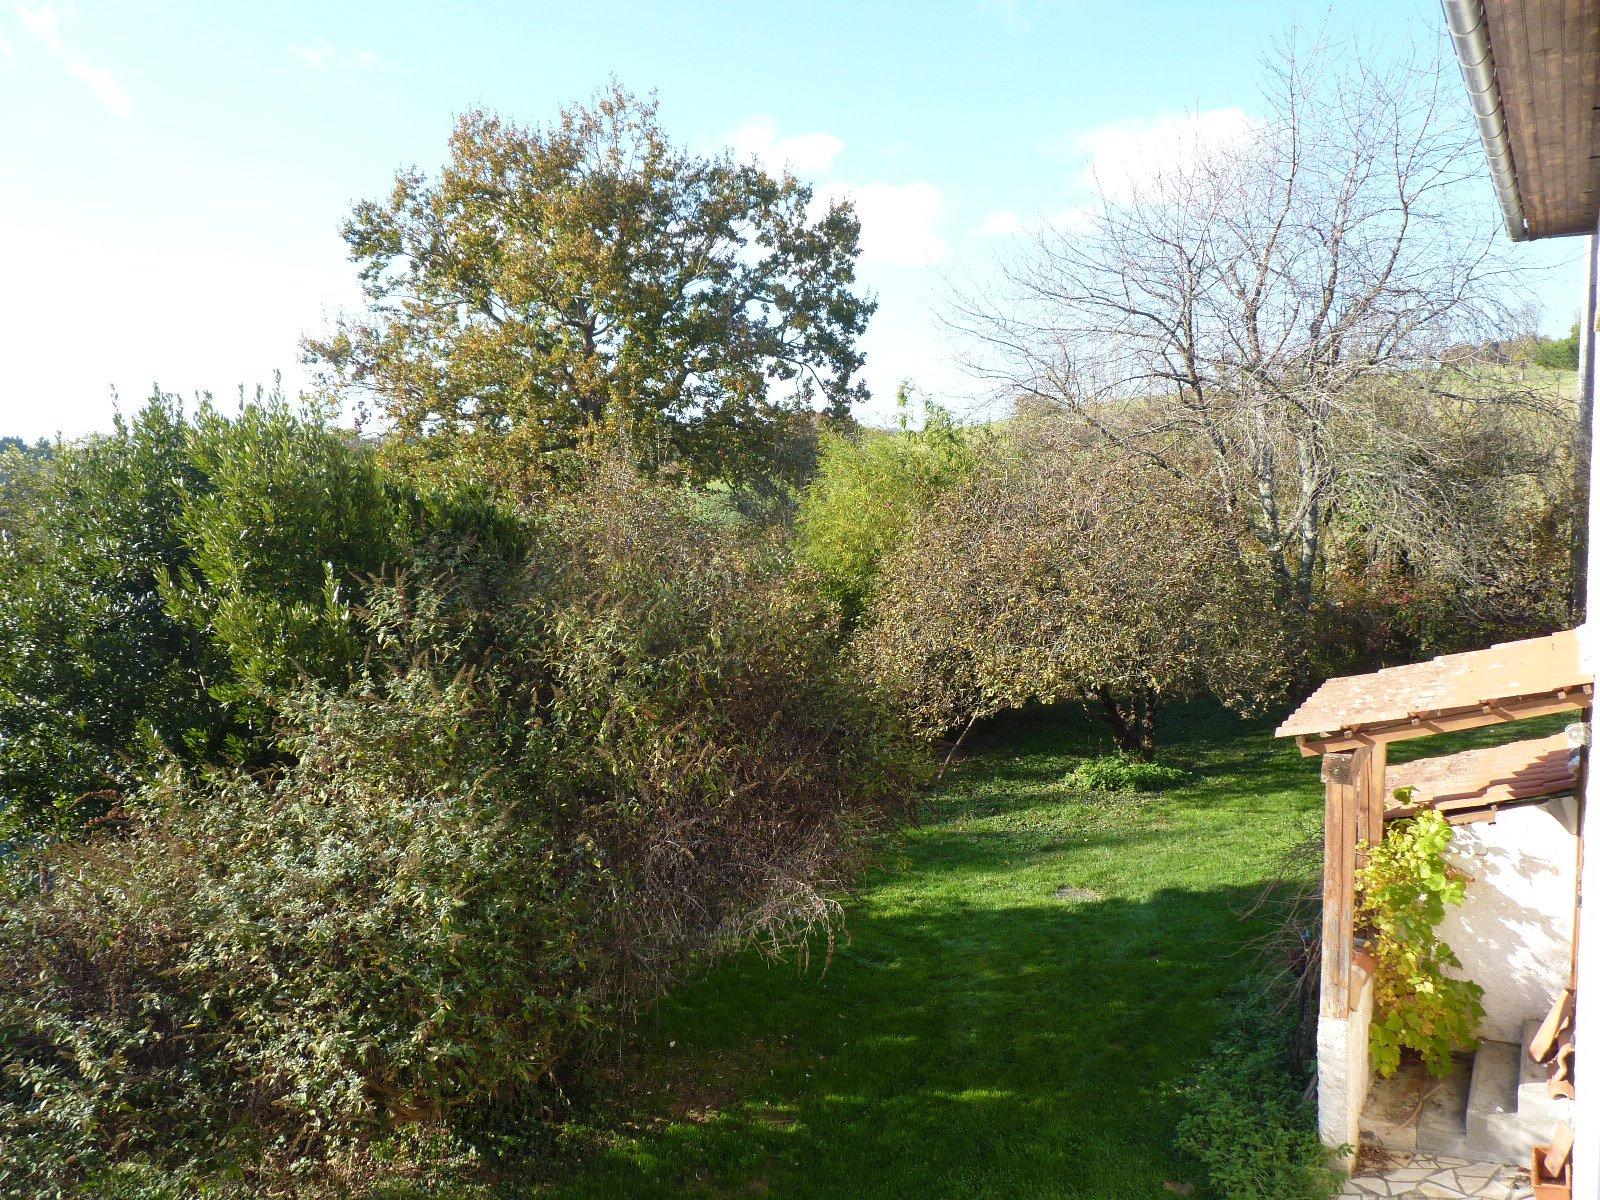 Exclusif, maison des années 70 à Eoux avec jardin arboré de 3314 m²